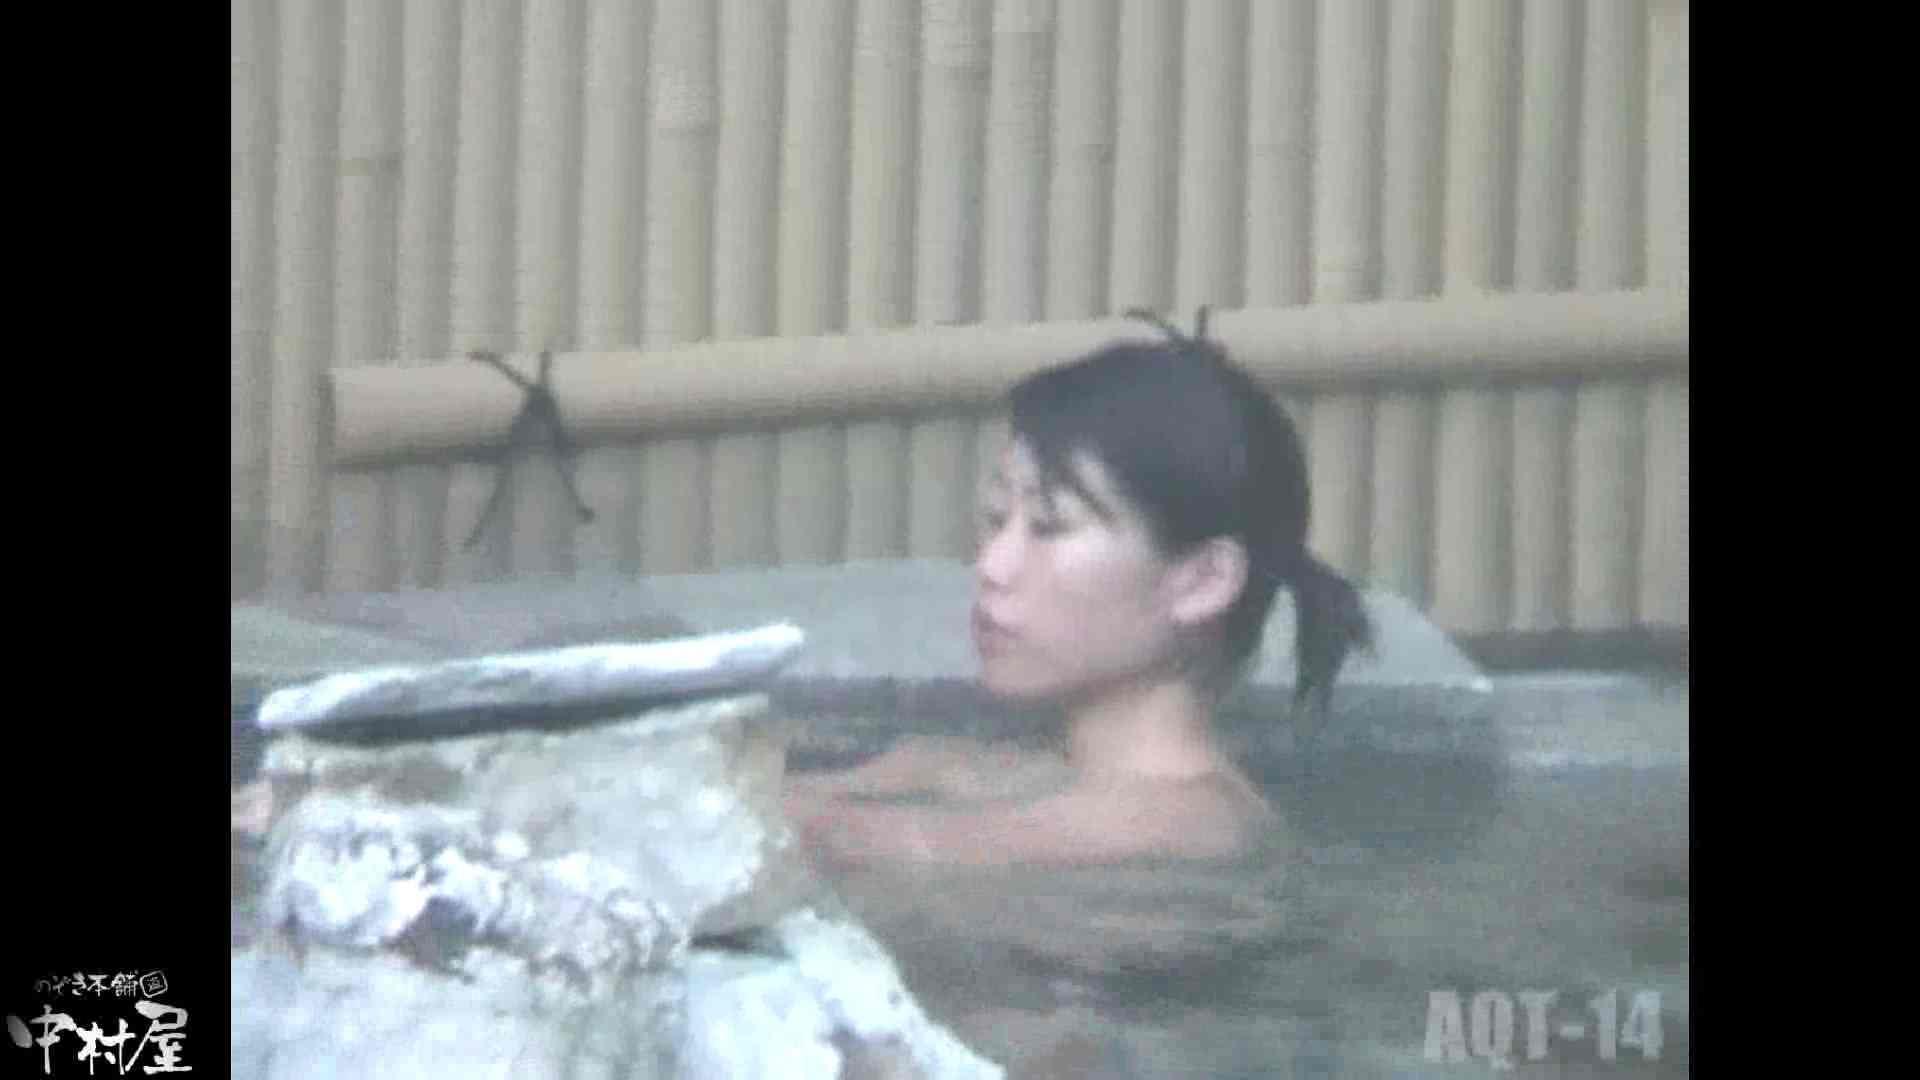 Aquaな露天風呂Vol.878潜入盗撮露天風呂十四判湯 其の一 盗撮シリーズ   露天風呂編  79PIX 13